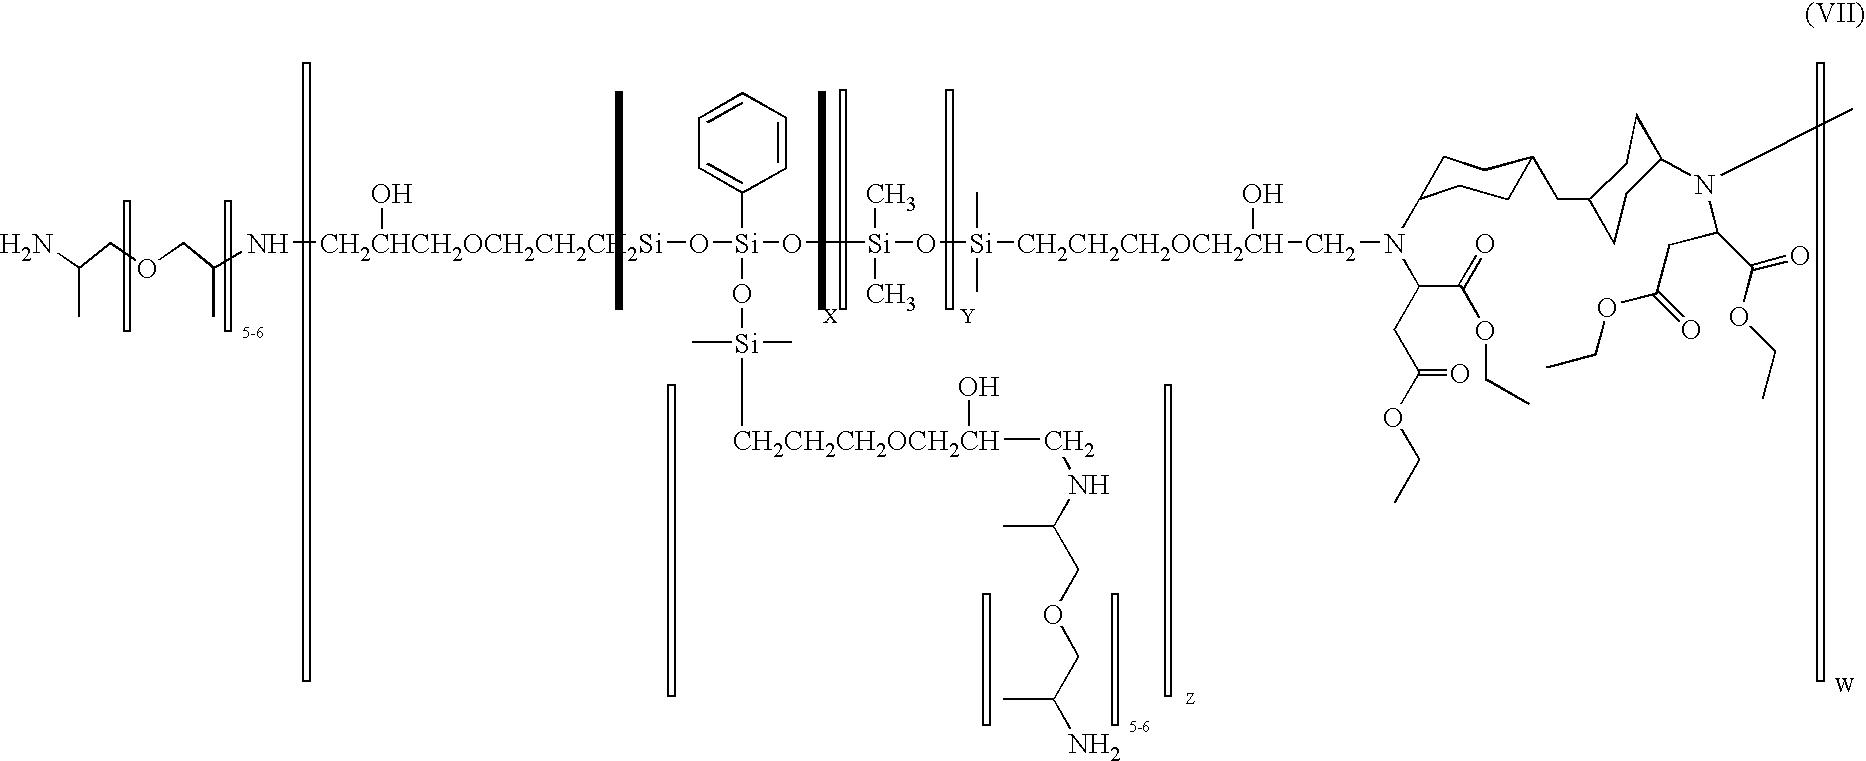 Figure US20040054112A1-20040318-C00005